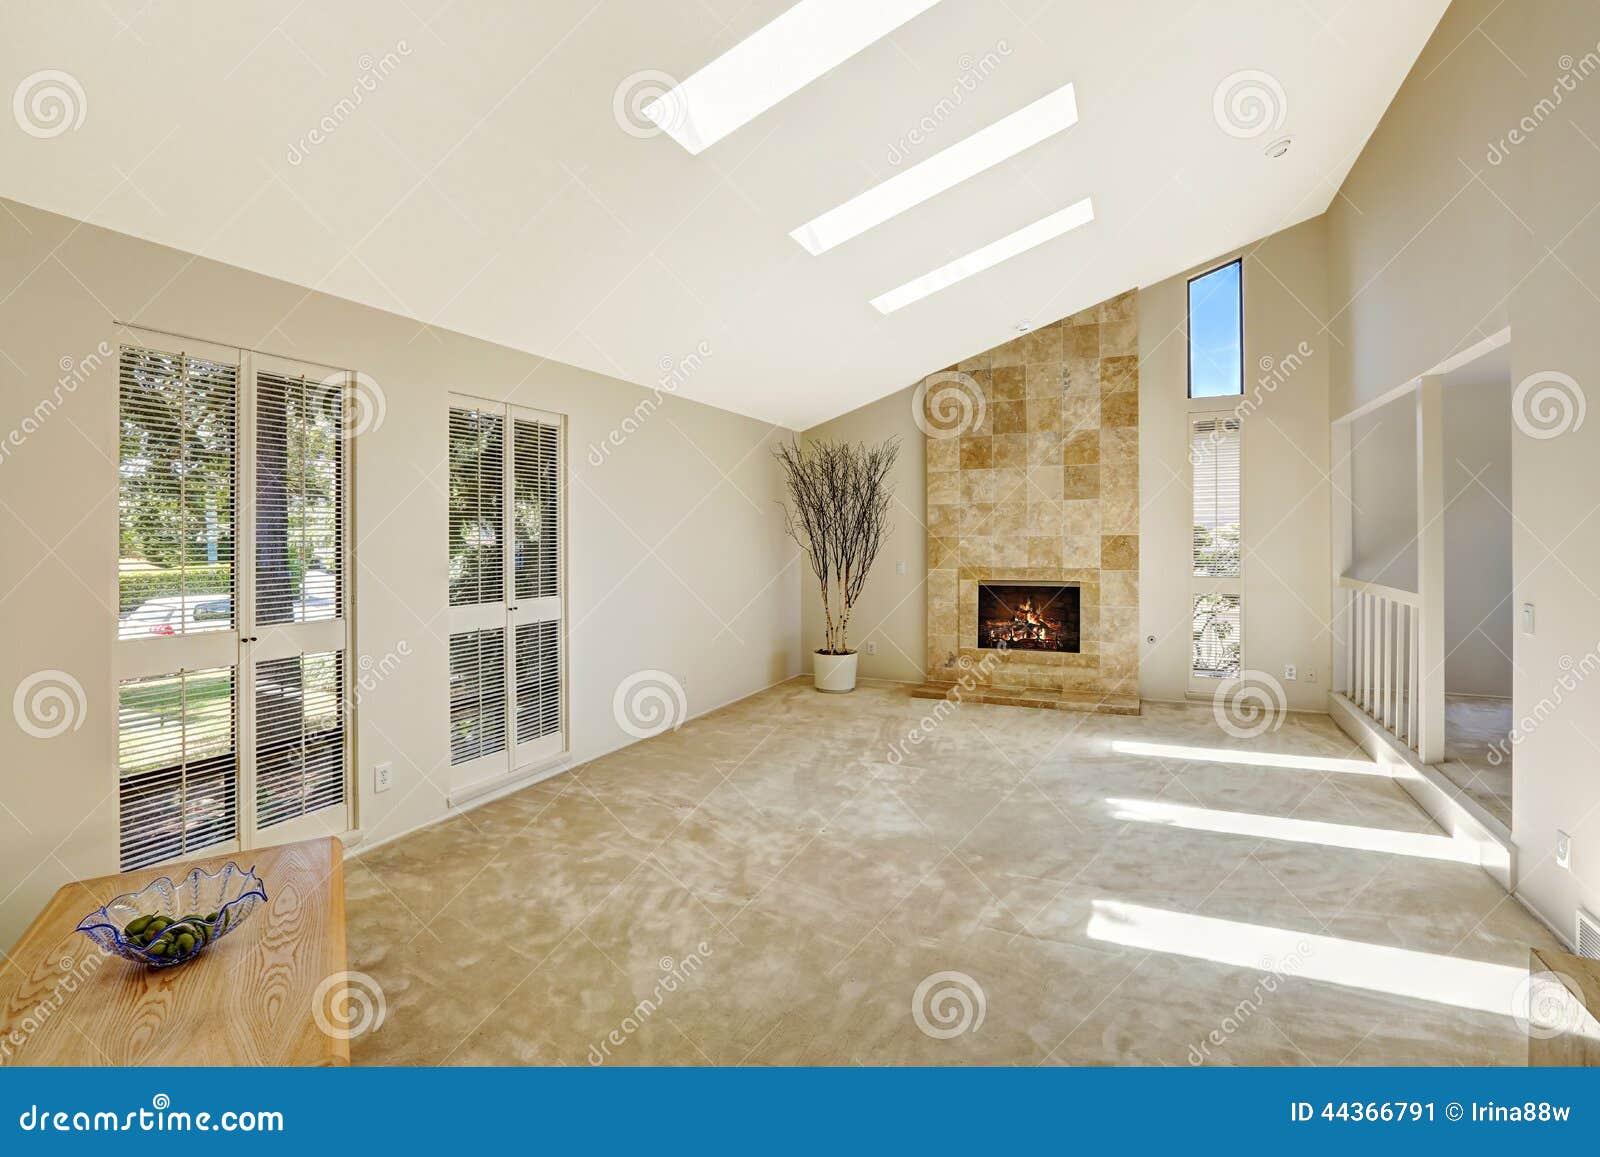 Комната Beautitful живущая с сводчатым потолком и окнами в крыше пусто